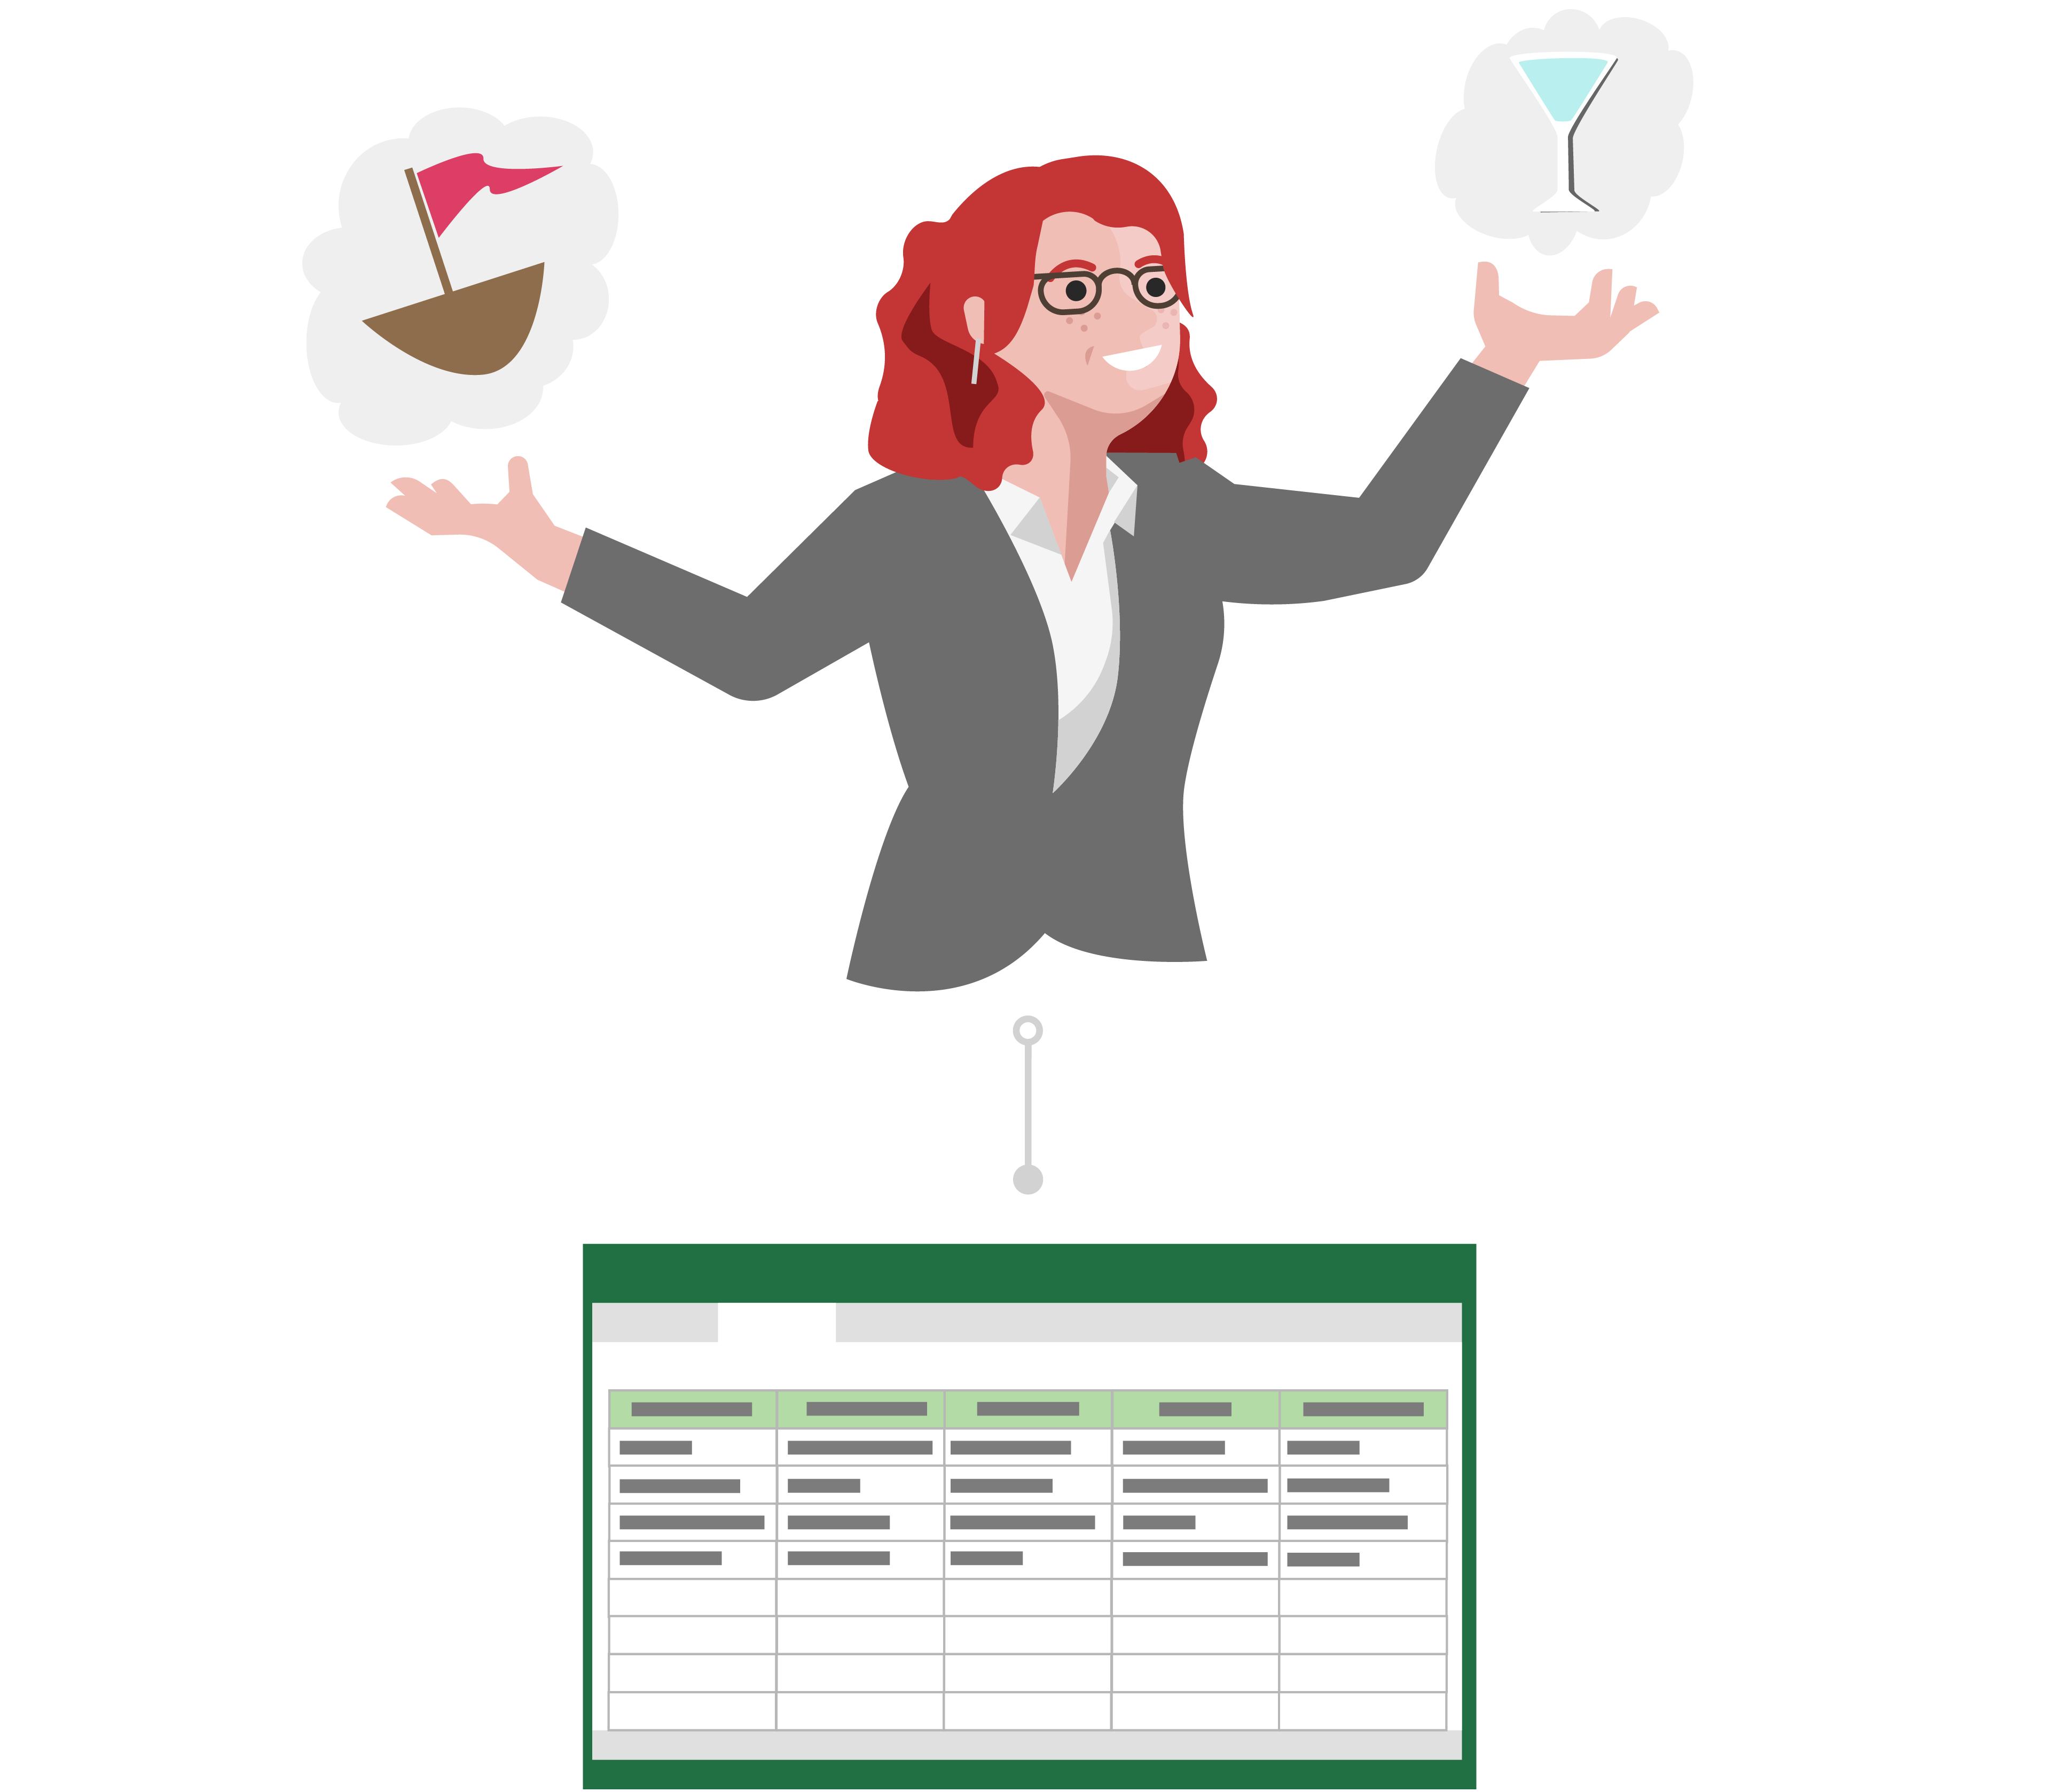 Voor de Linda is feedback over haar ideeën nodig, zodat ze een spreadsheet maakt en opslaat in de Cloud.